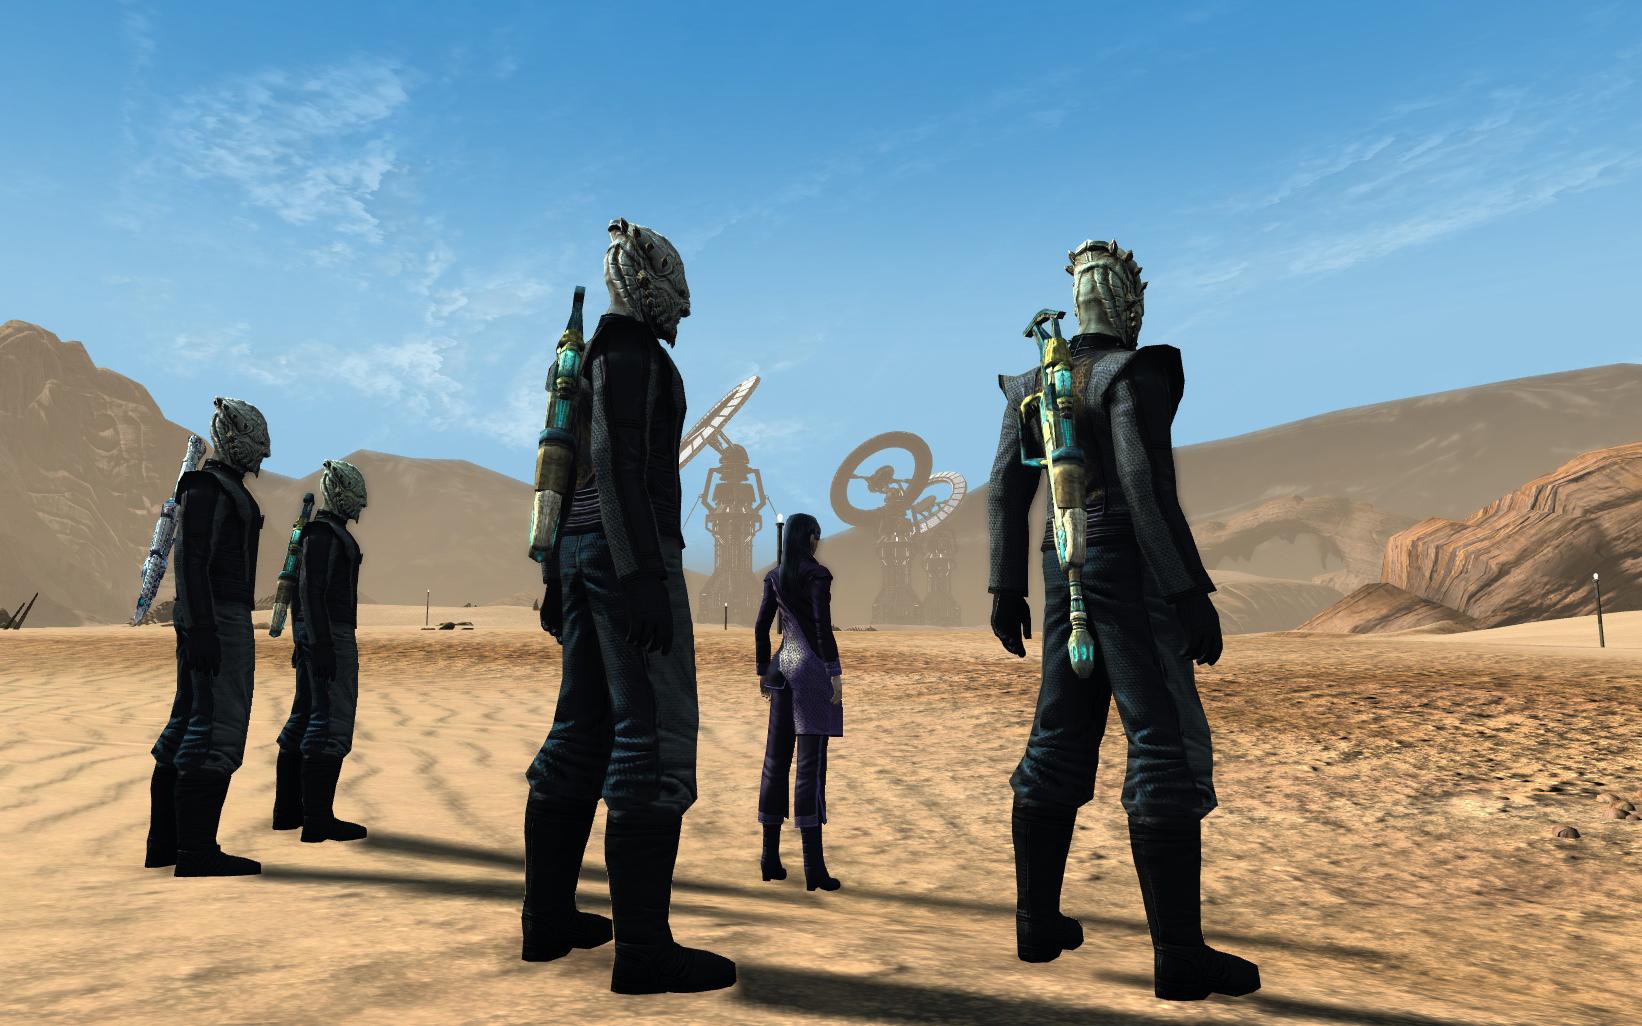 The Dominion in nimbus III